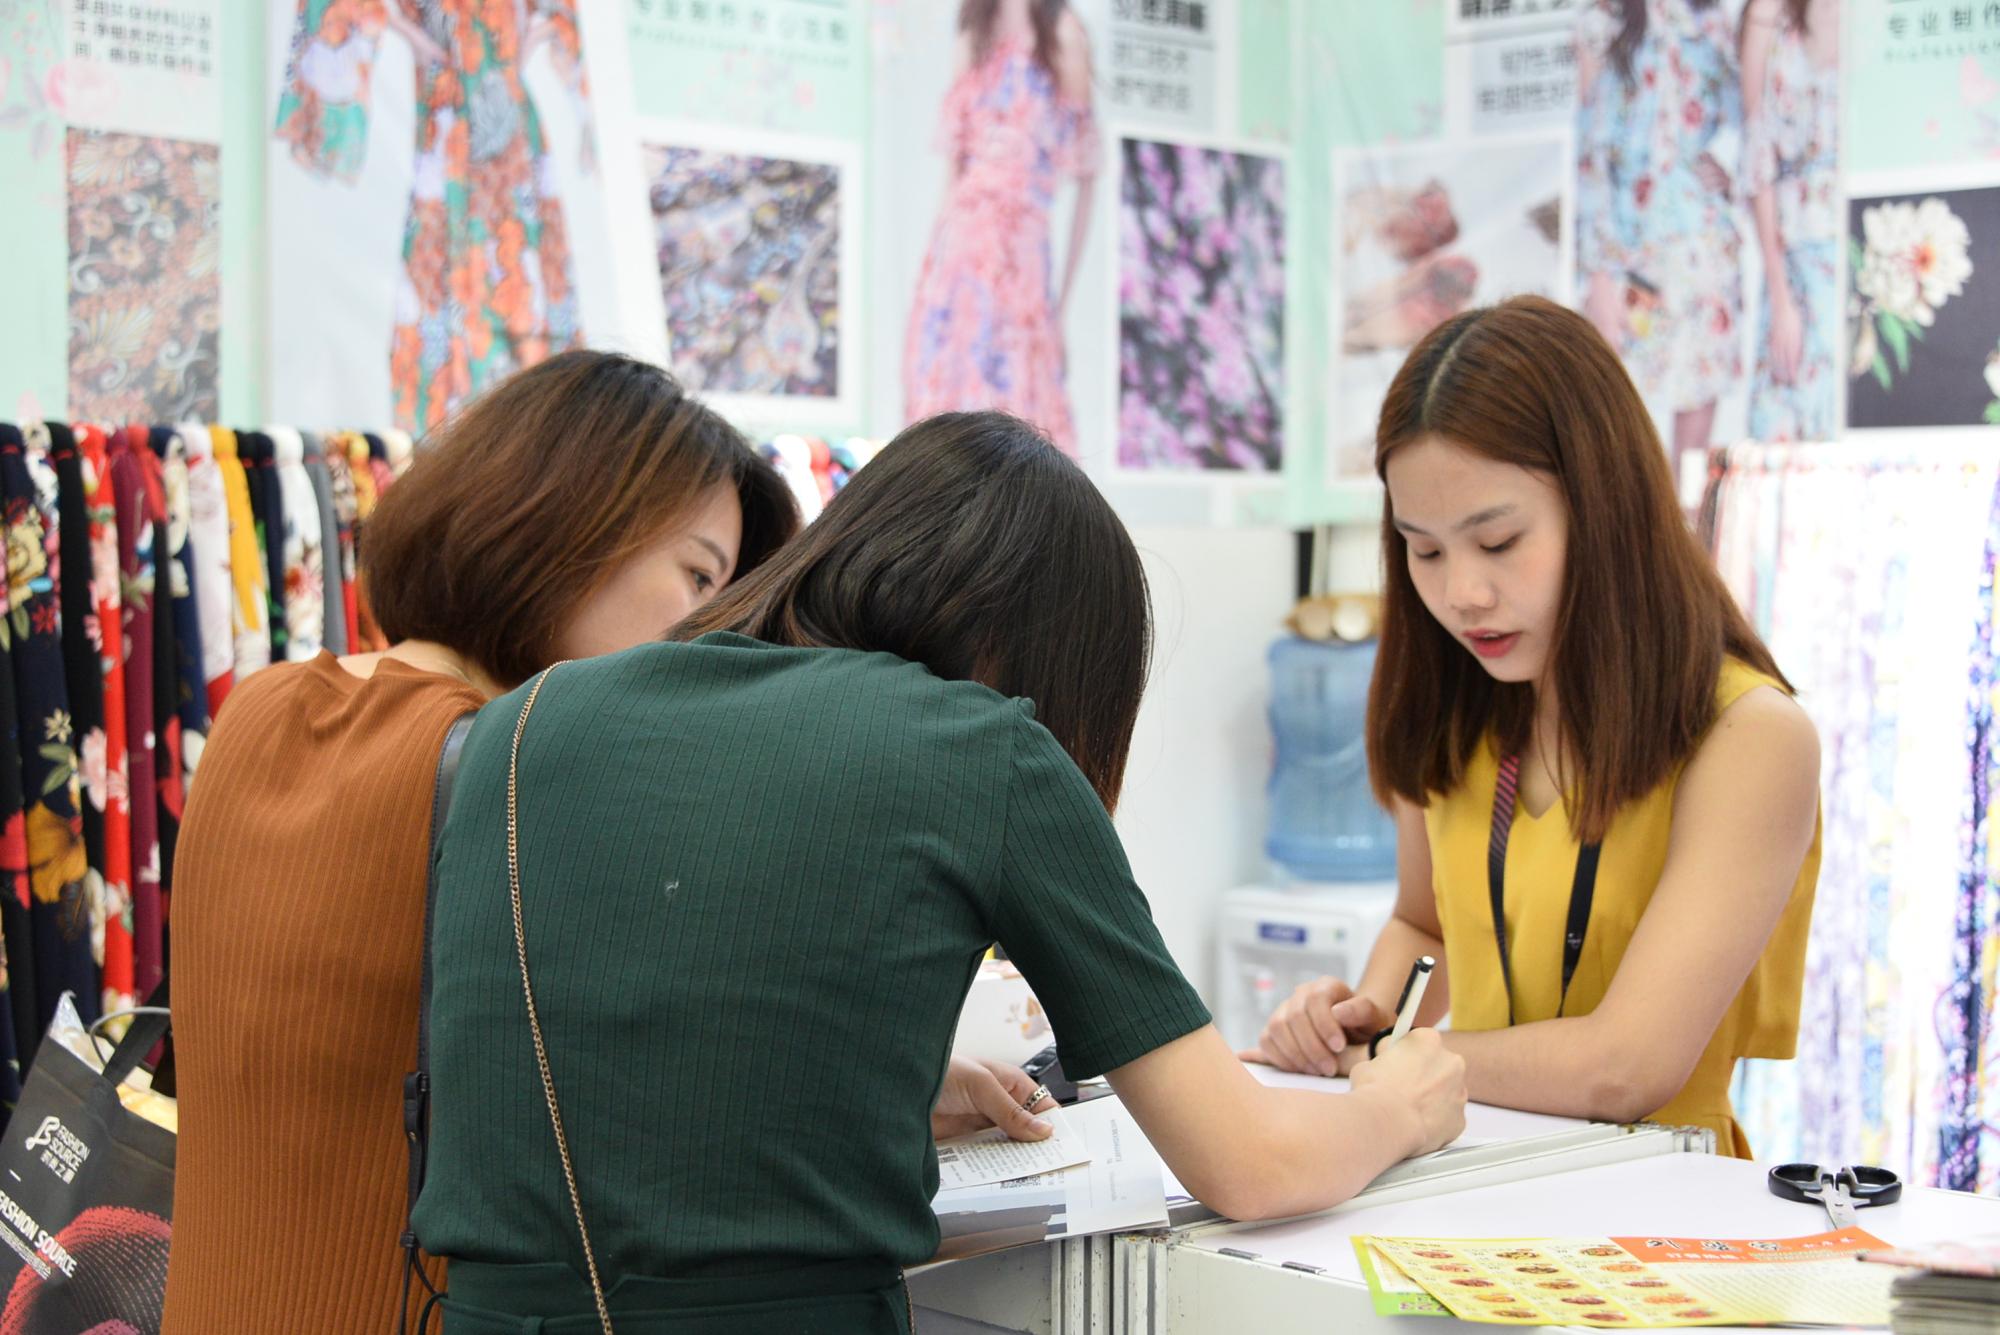 追溯时尚之源 深圳国际服装供应链博览会华丽起航